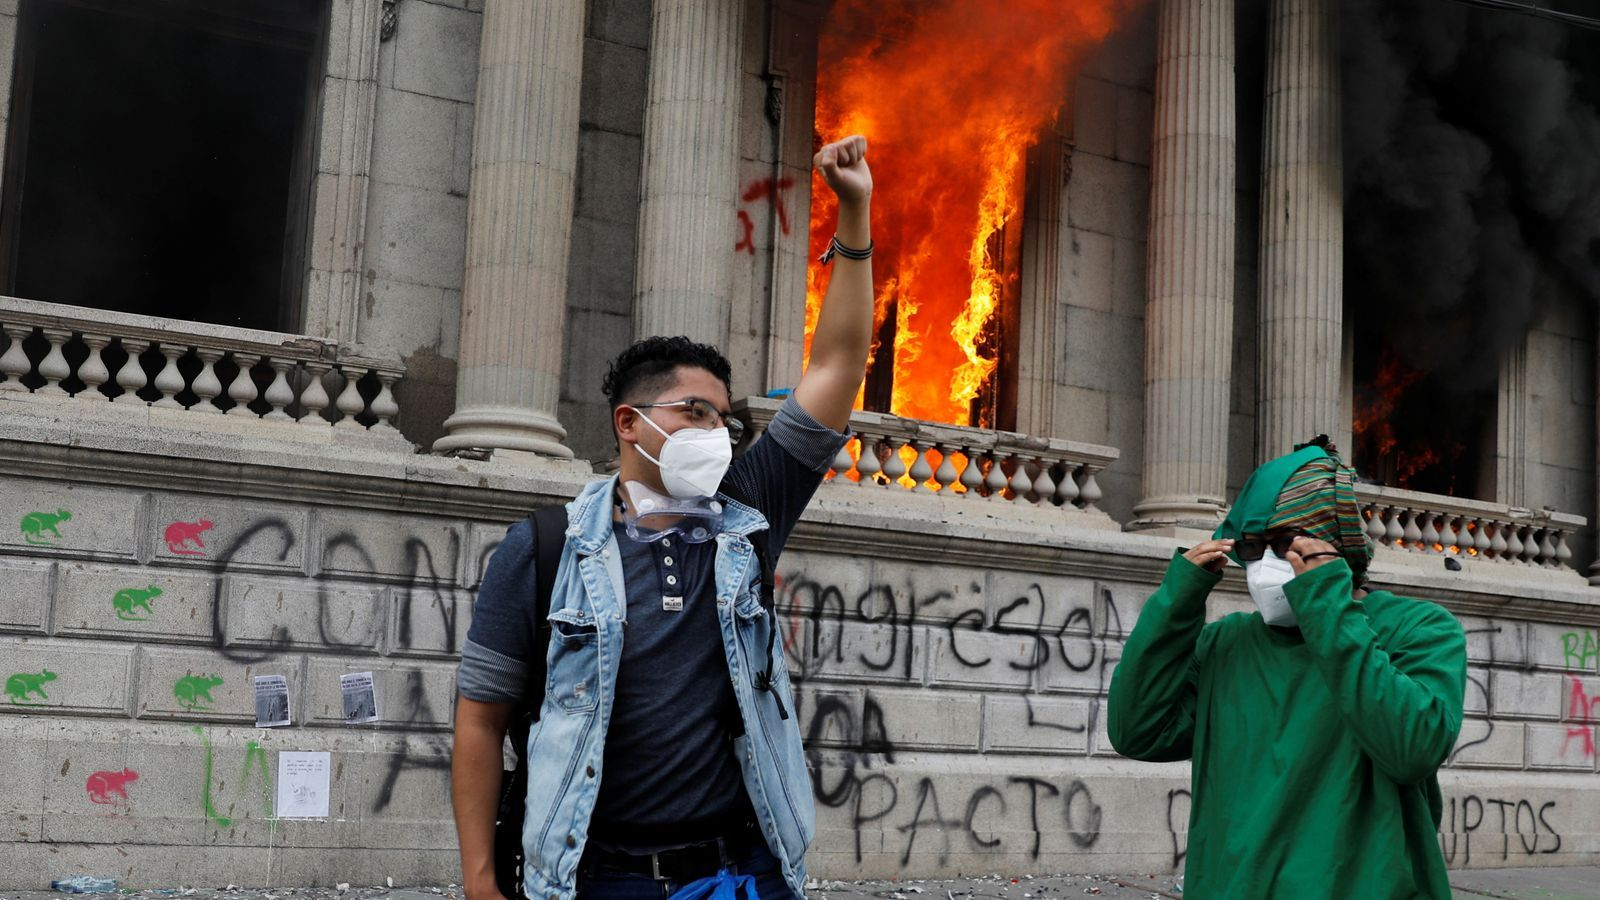 Dos manifestants davant la seu del parlament, en flames.